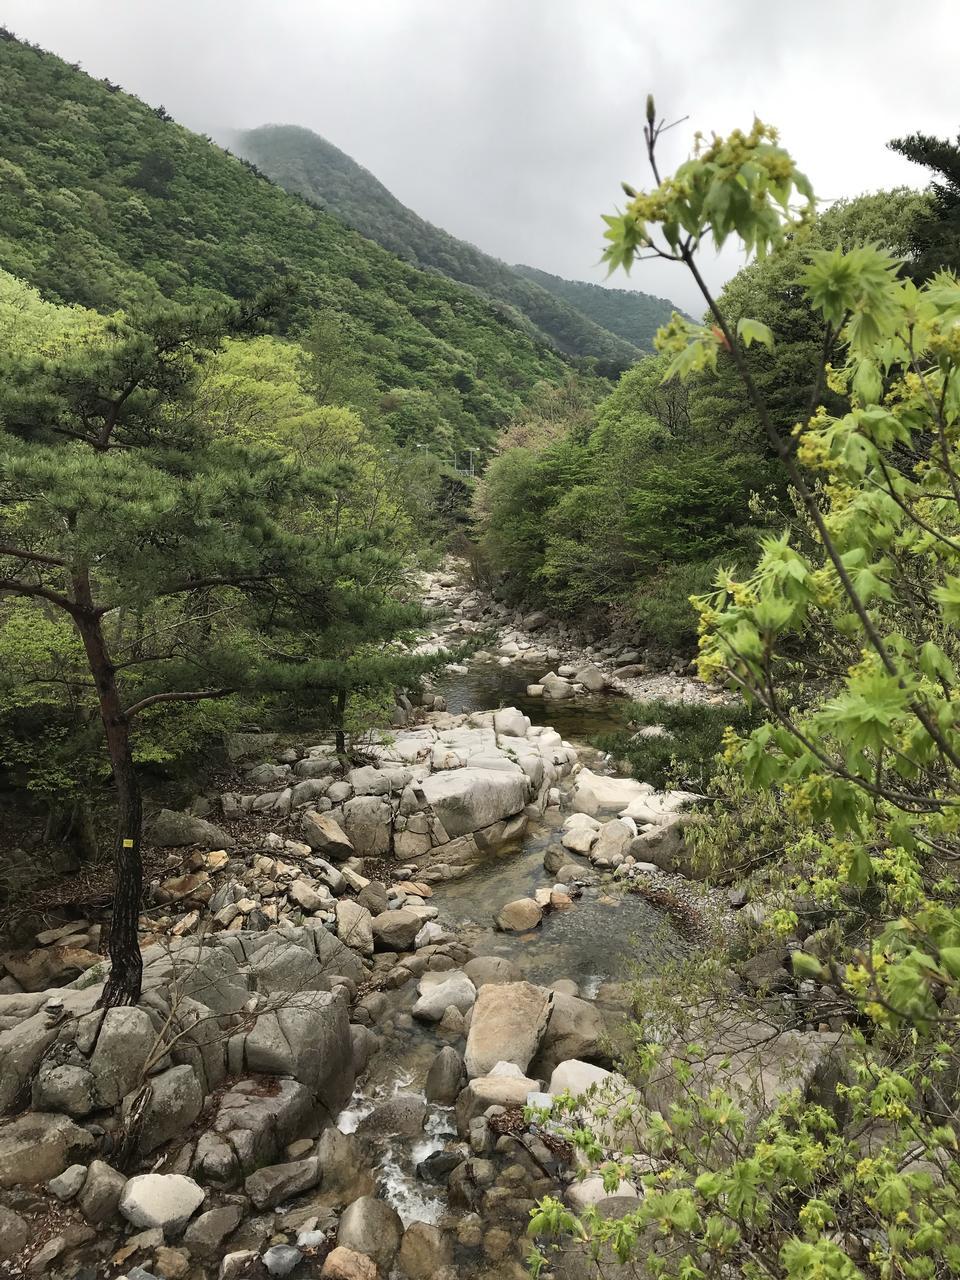 Gajisan state park in South Korea